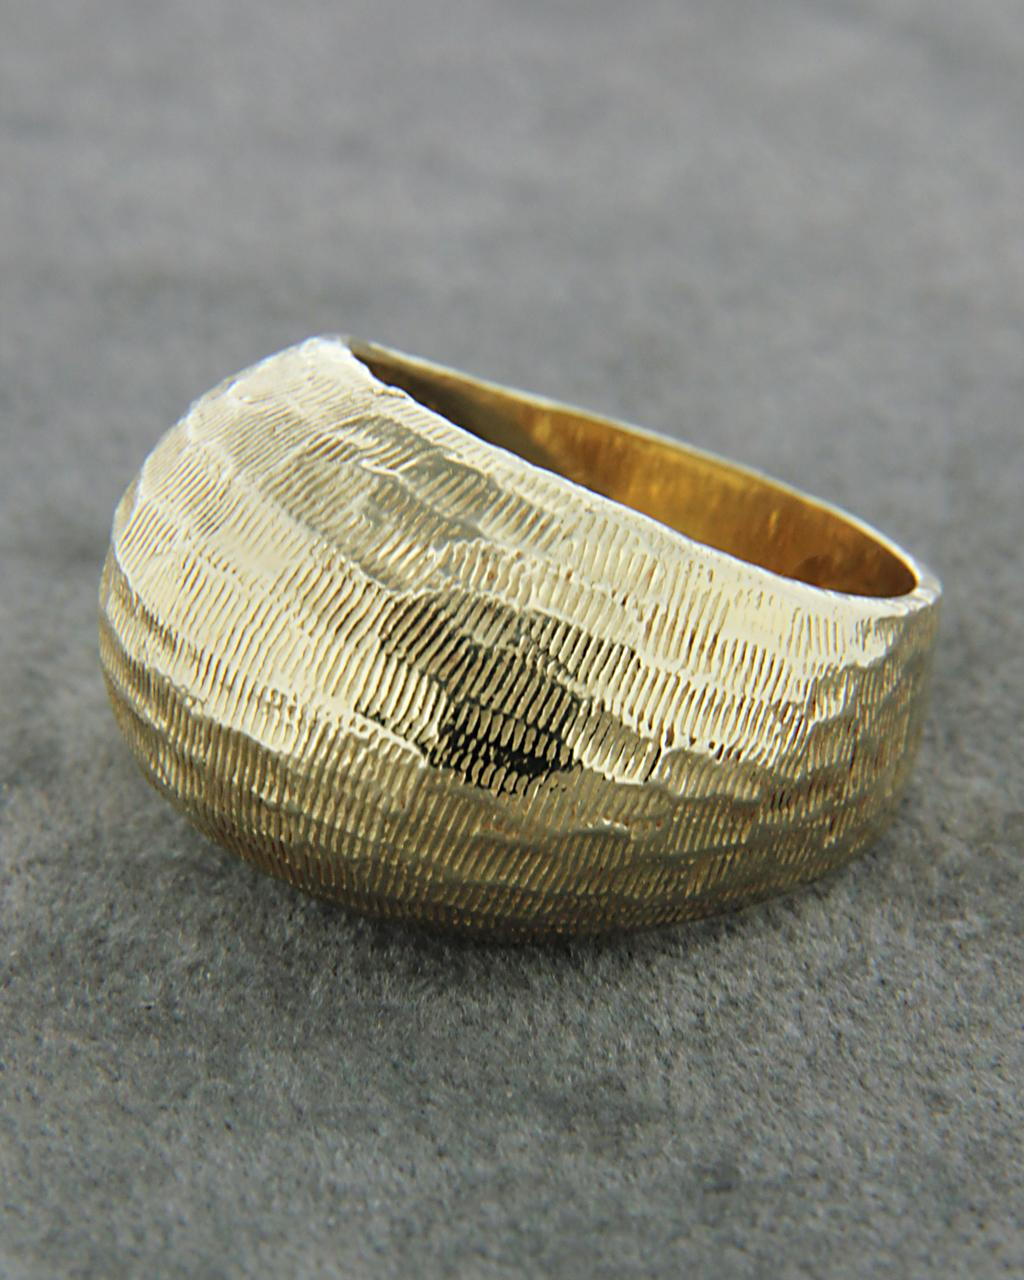 Δαχτυλίδι από επιχρυσωμένο ασήμι 925   γυναικα δαχτυλίδια δαχτυλίδια ασημένια